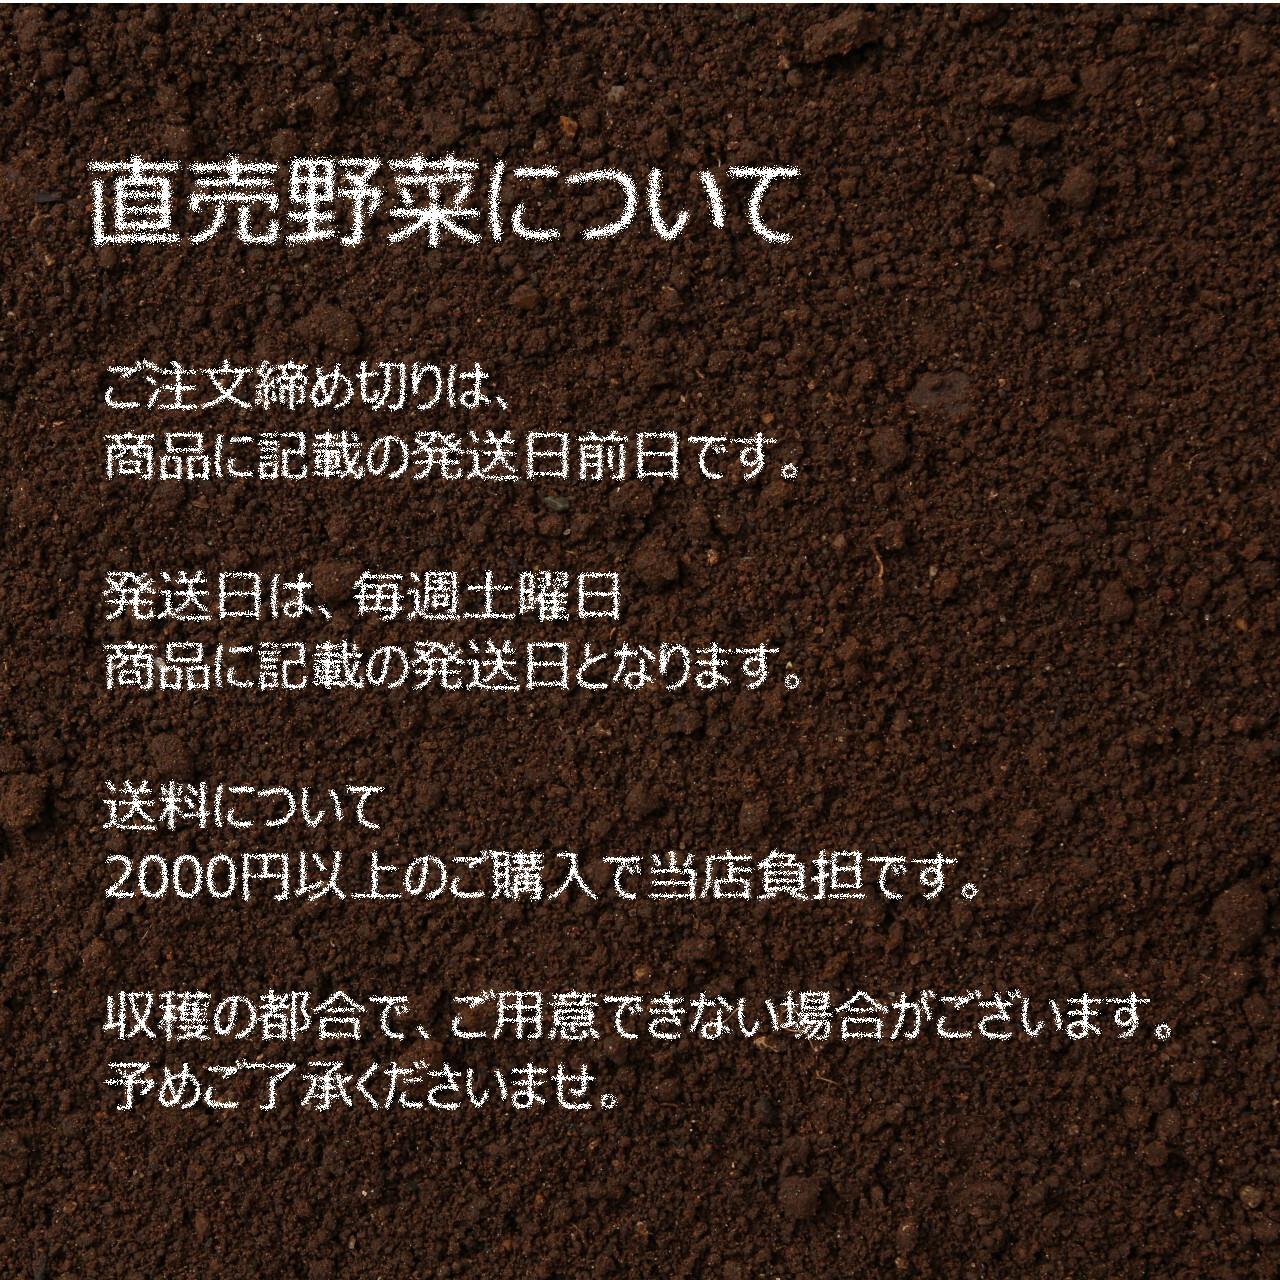 朝採り直売野菜 葉わさび 約80g前後 新鮮な春野菜 4月25日発送予定